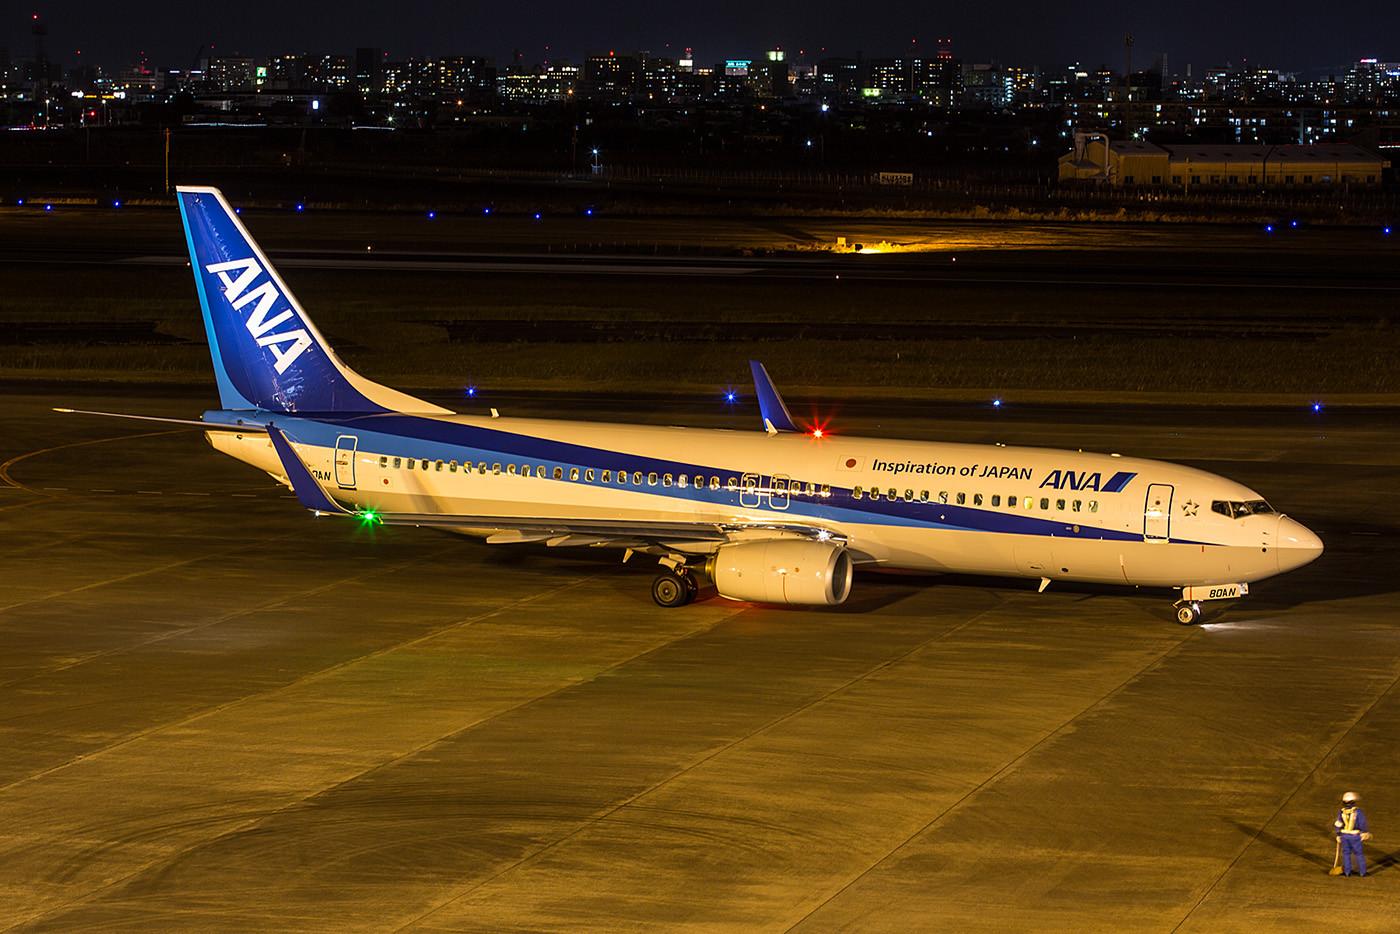 Boeing 737-800 der ANA auf dem Weg nach Osaka-Itami.